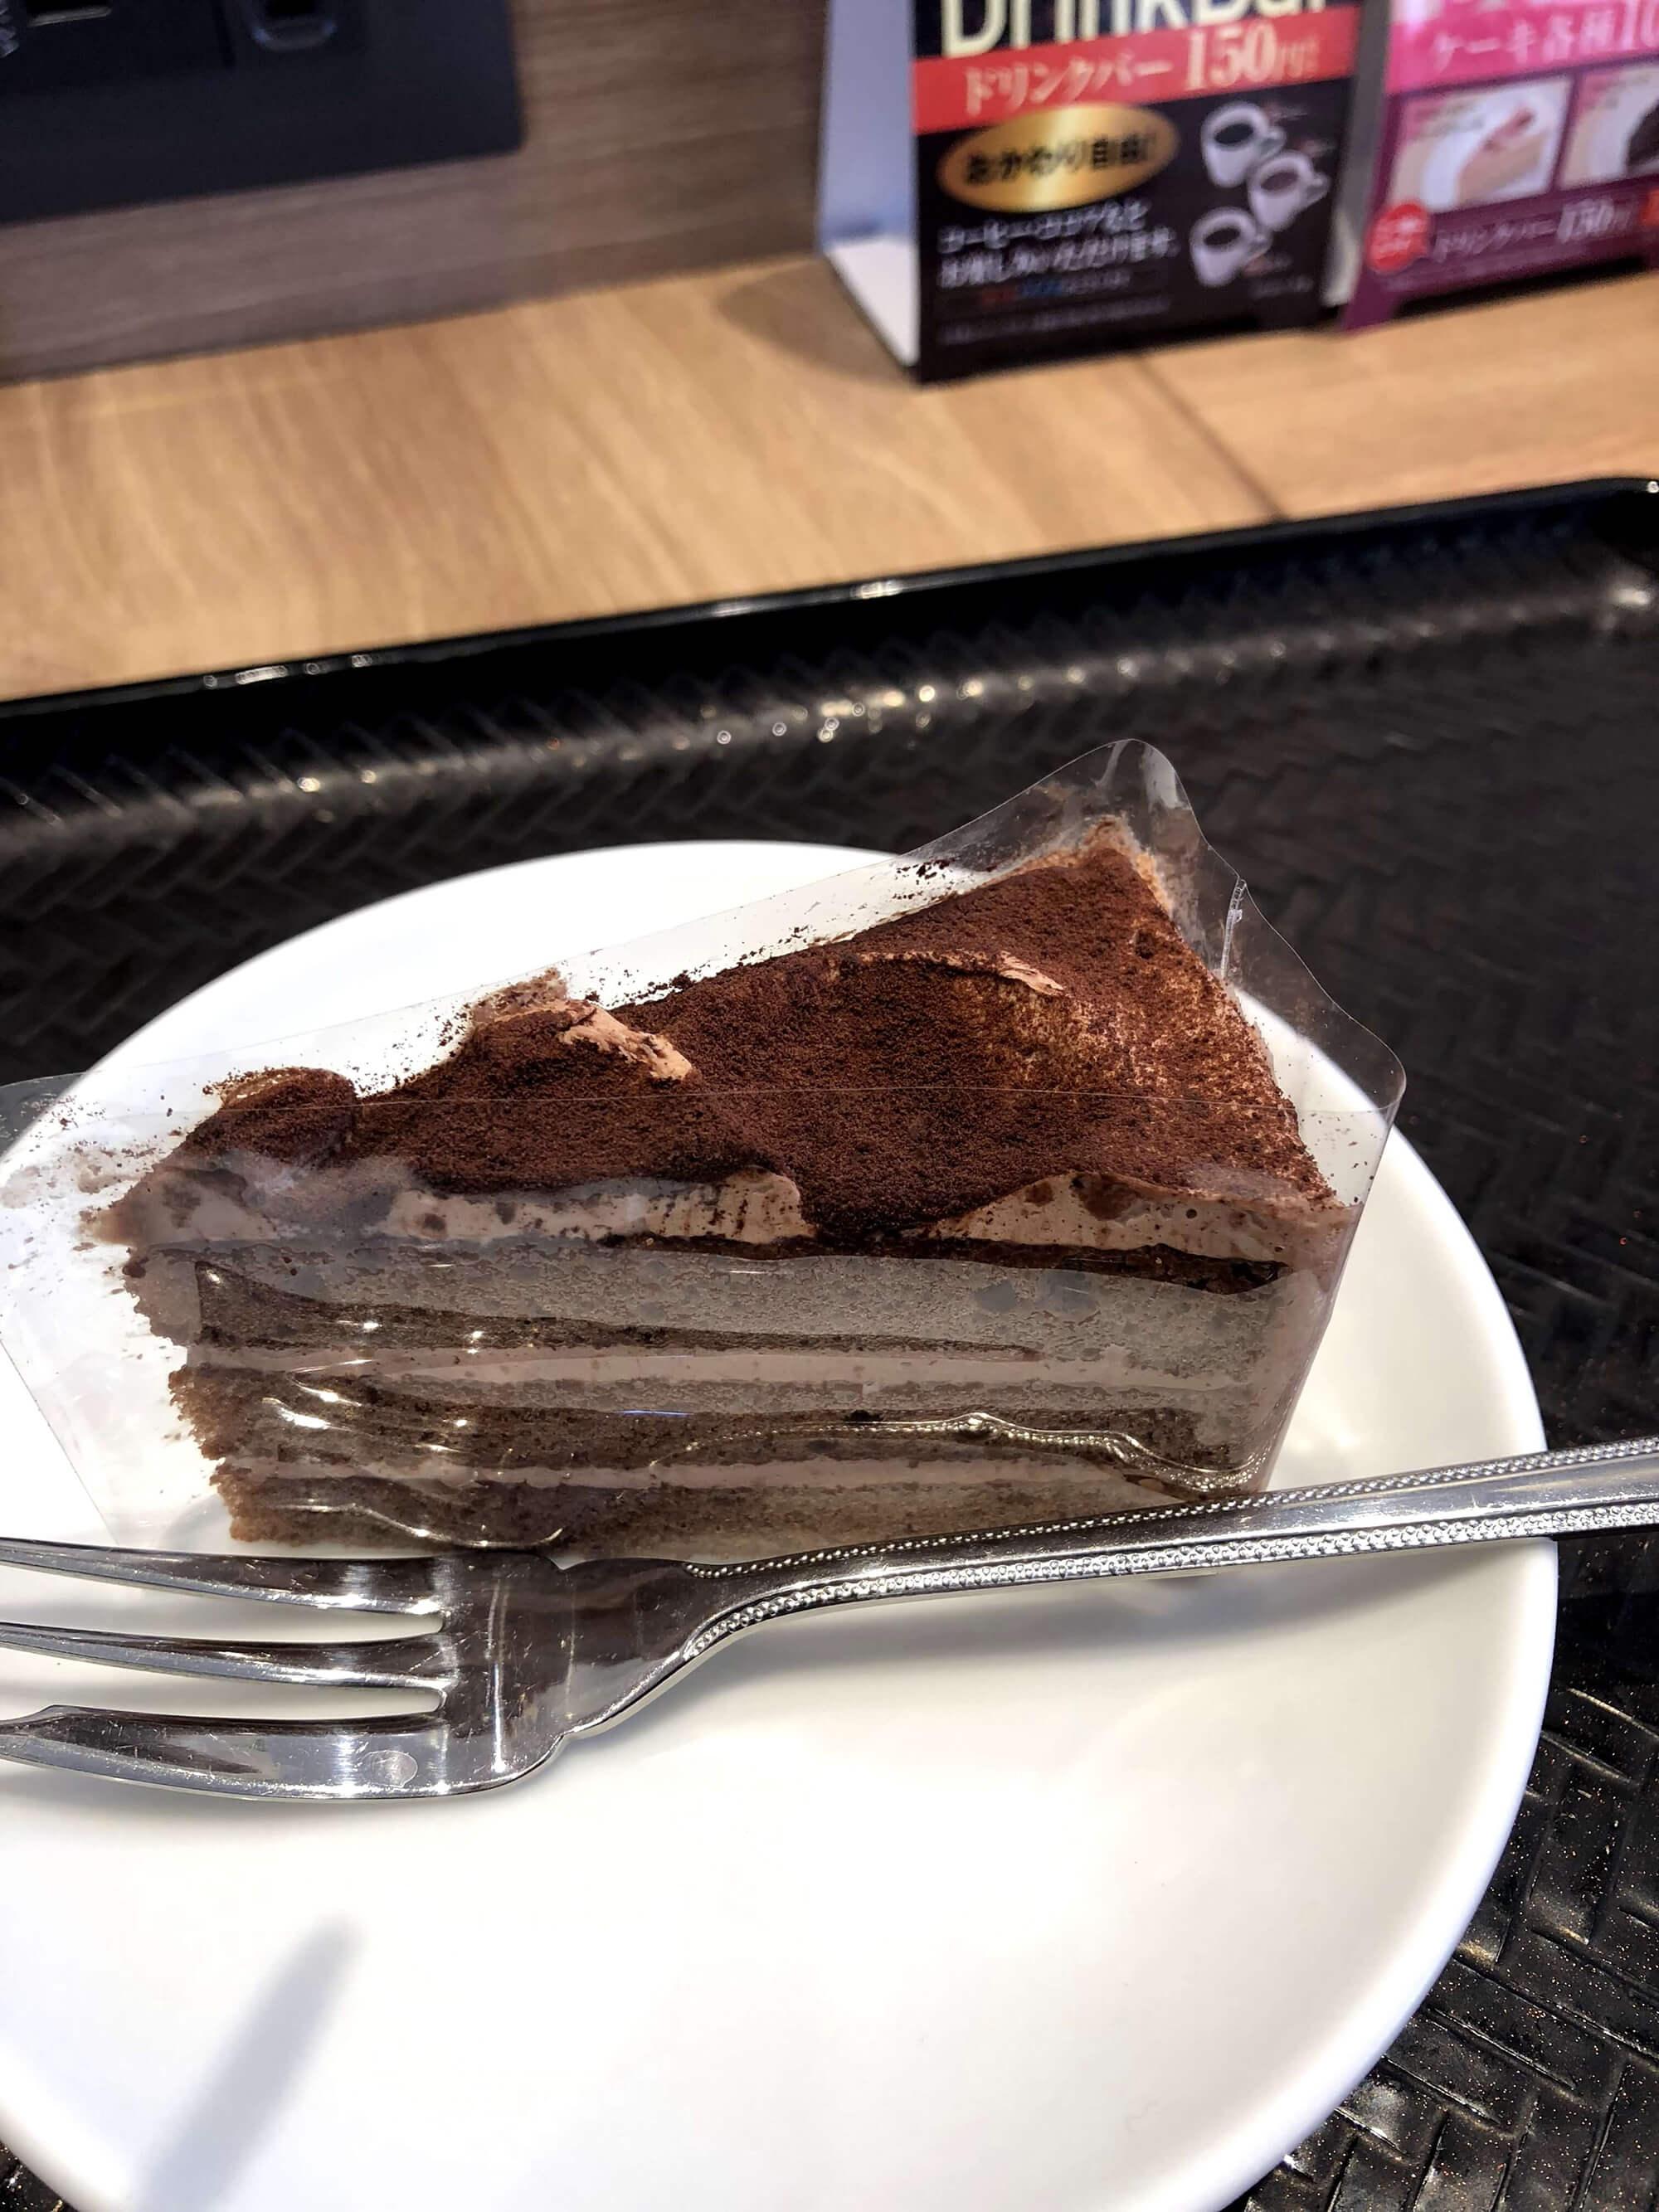 吉野家のチョコレートケーキ